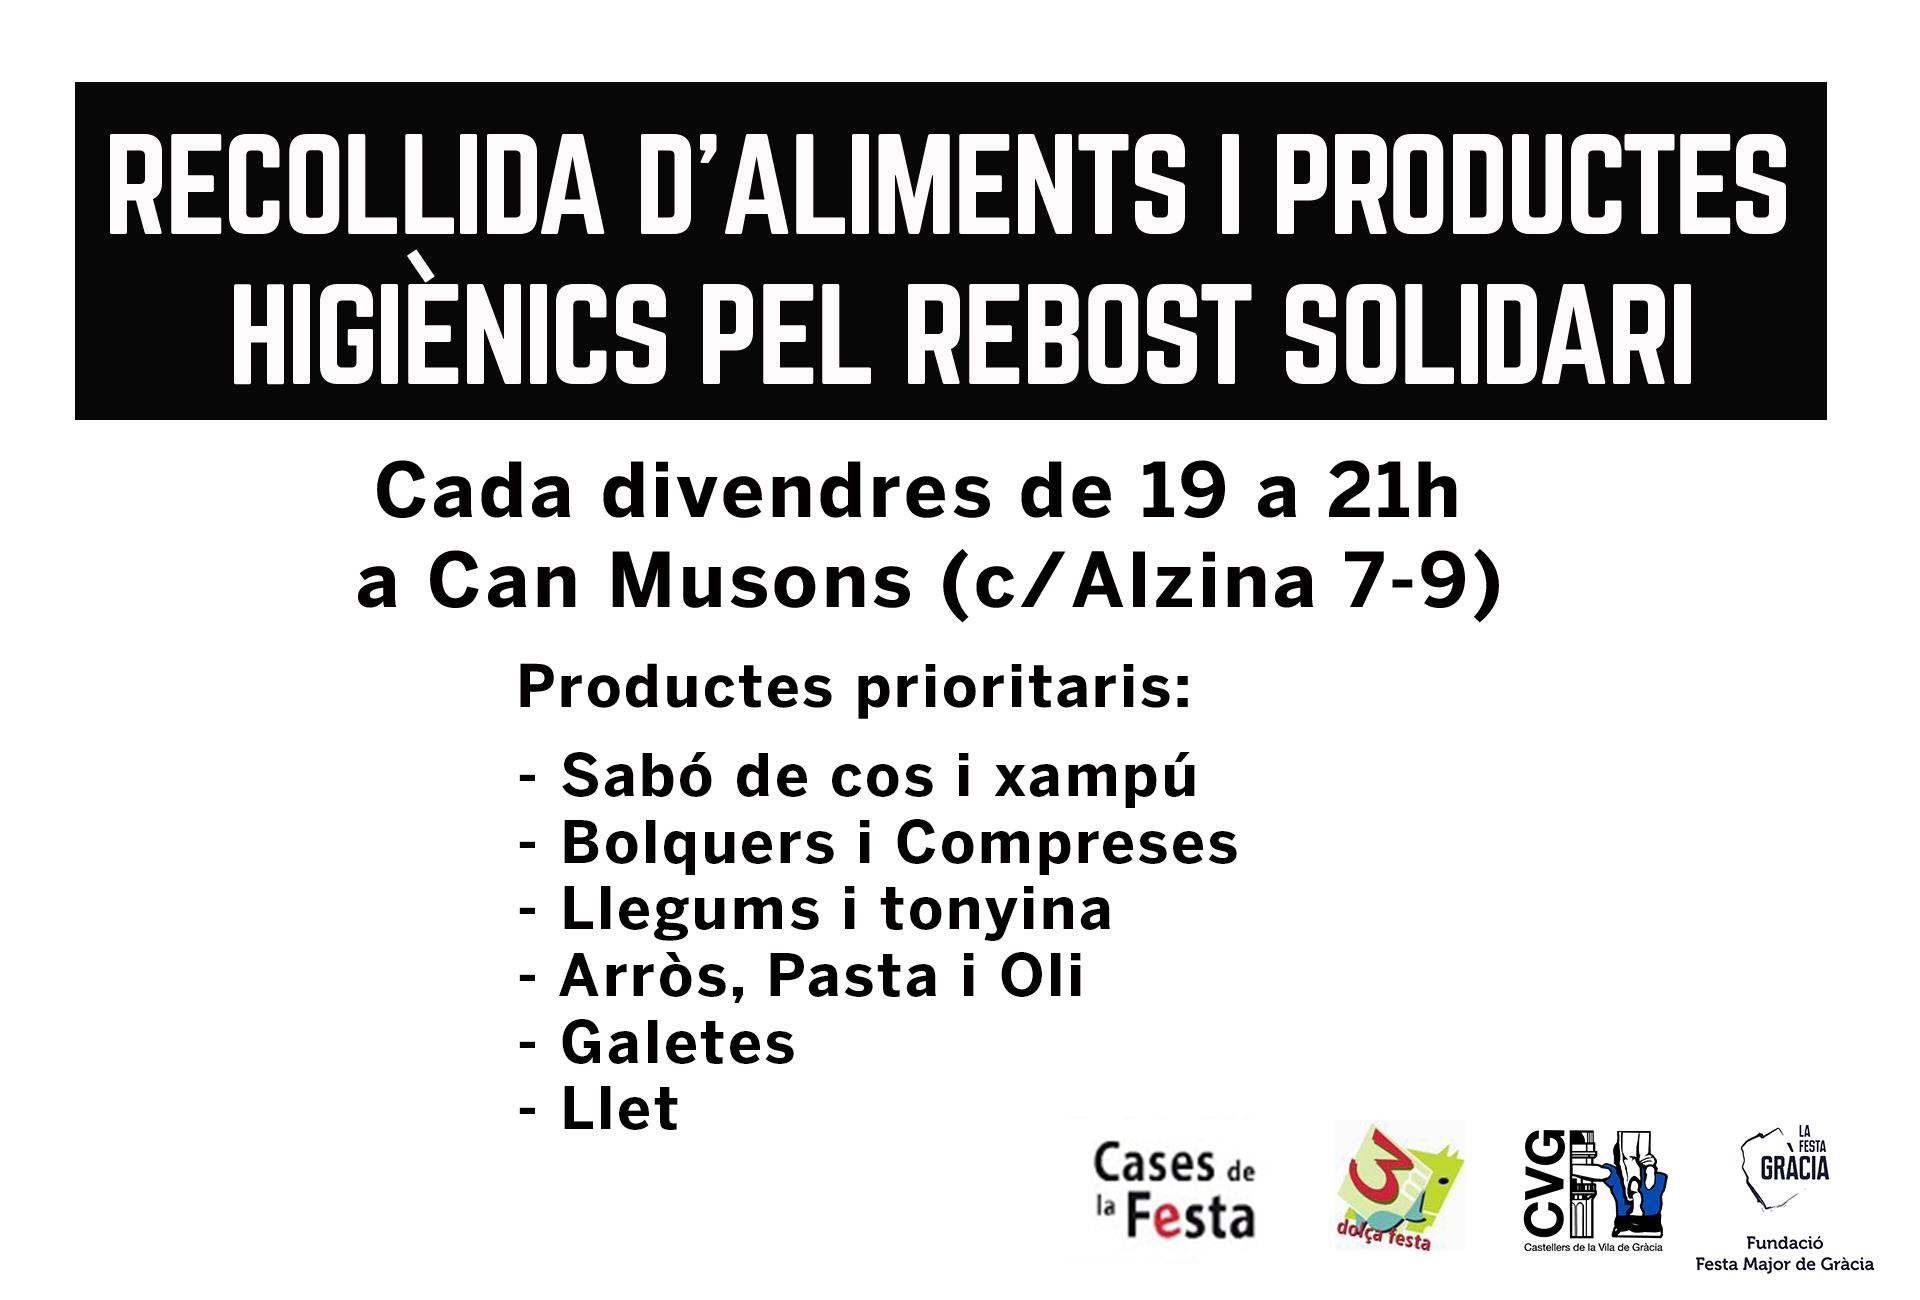 Rebost Solidari 10_02.jpg